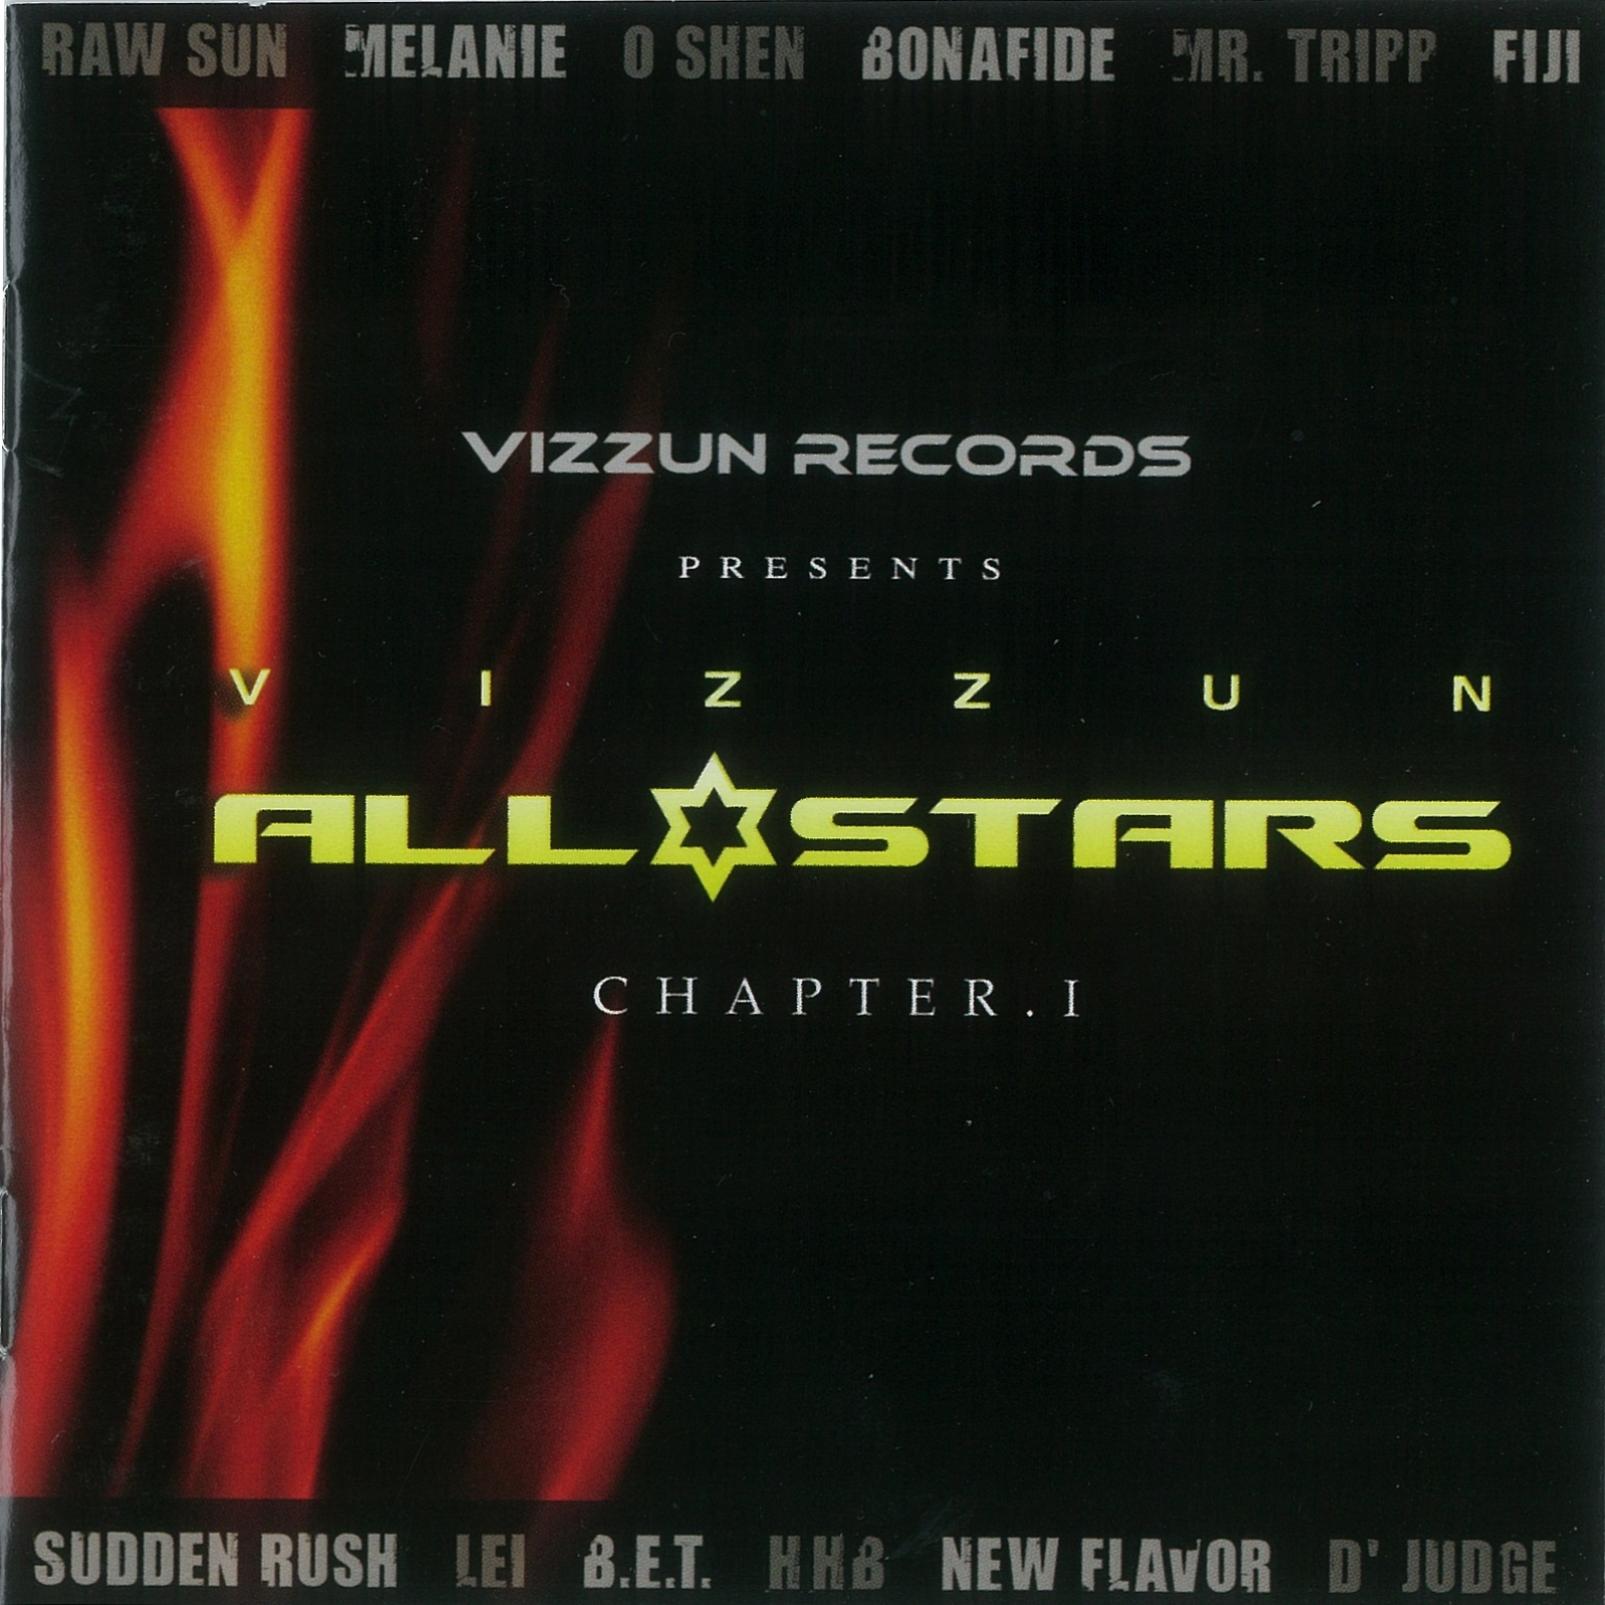 Vizzun Allstars Chapter 1 by Various Artists